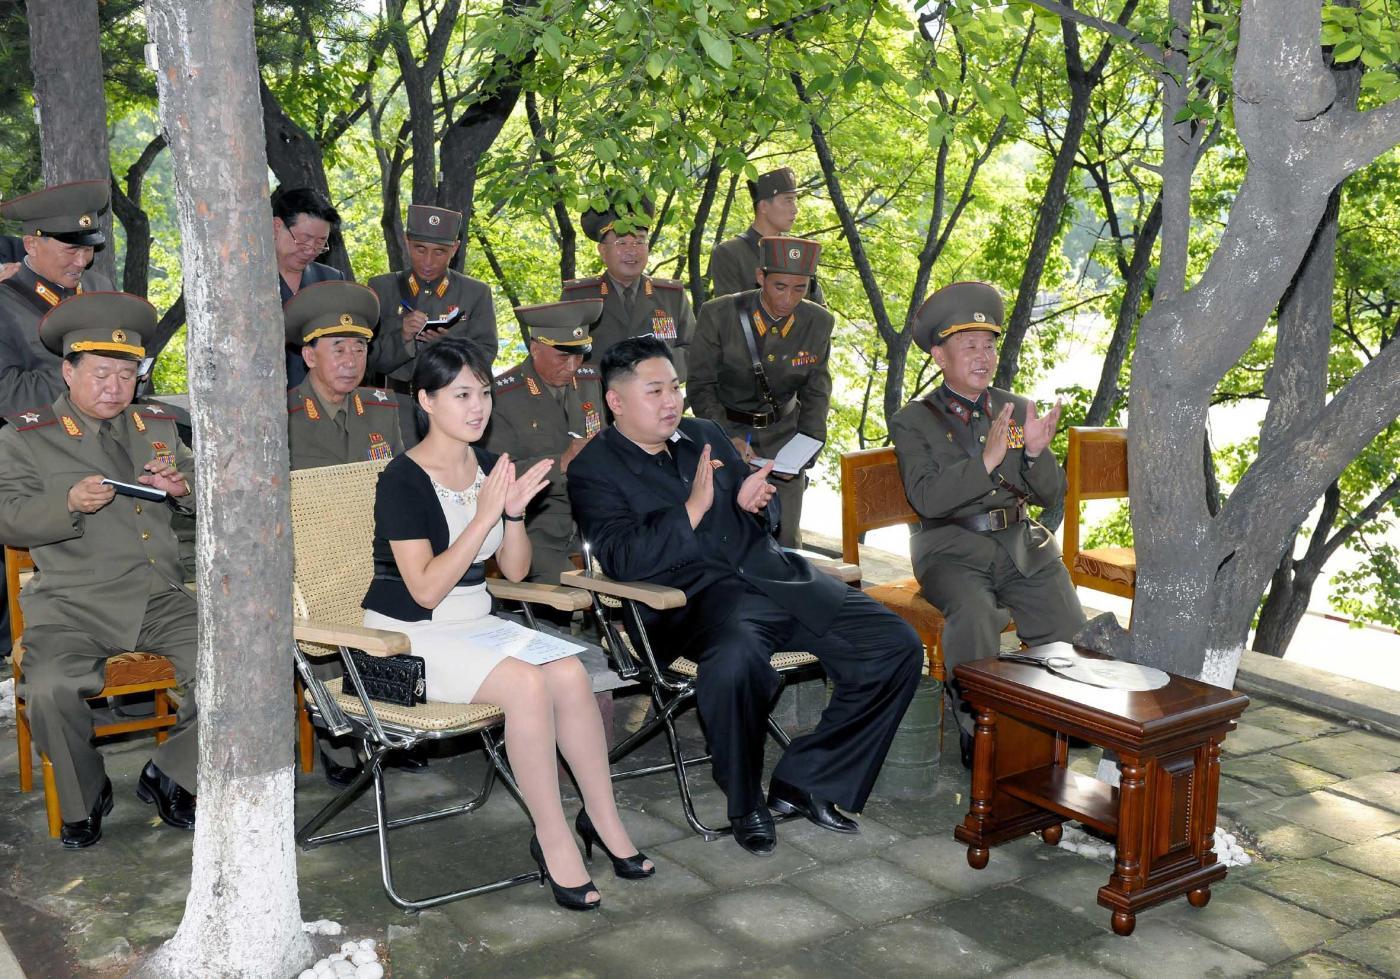 Kim Jong Un in visita all' Esercito popolare di Corea